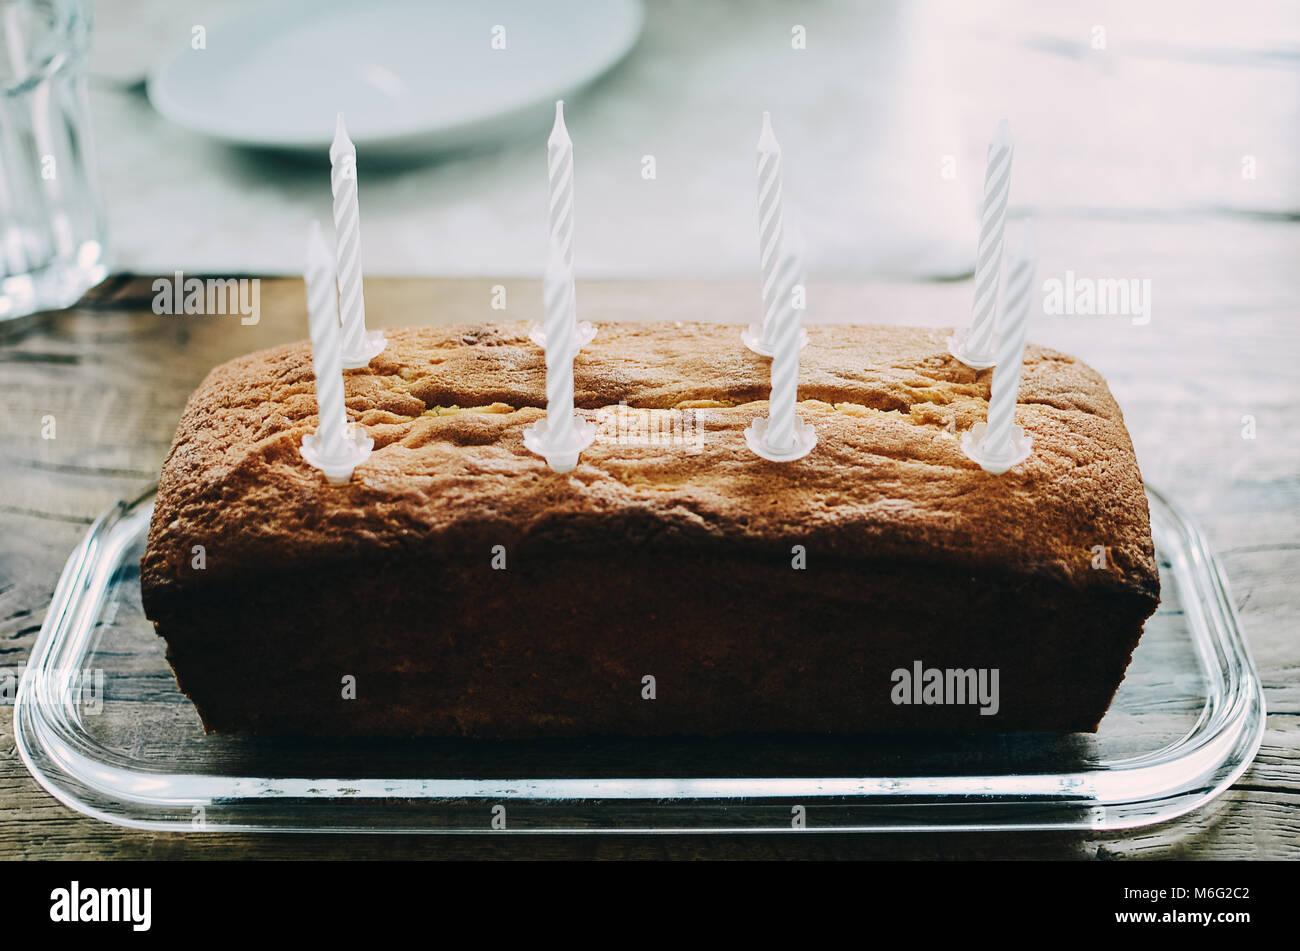 Einfache Geburtstag Pound Cake Mit Acht Weisse Kuchen Kerzen Auf Der